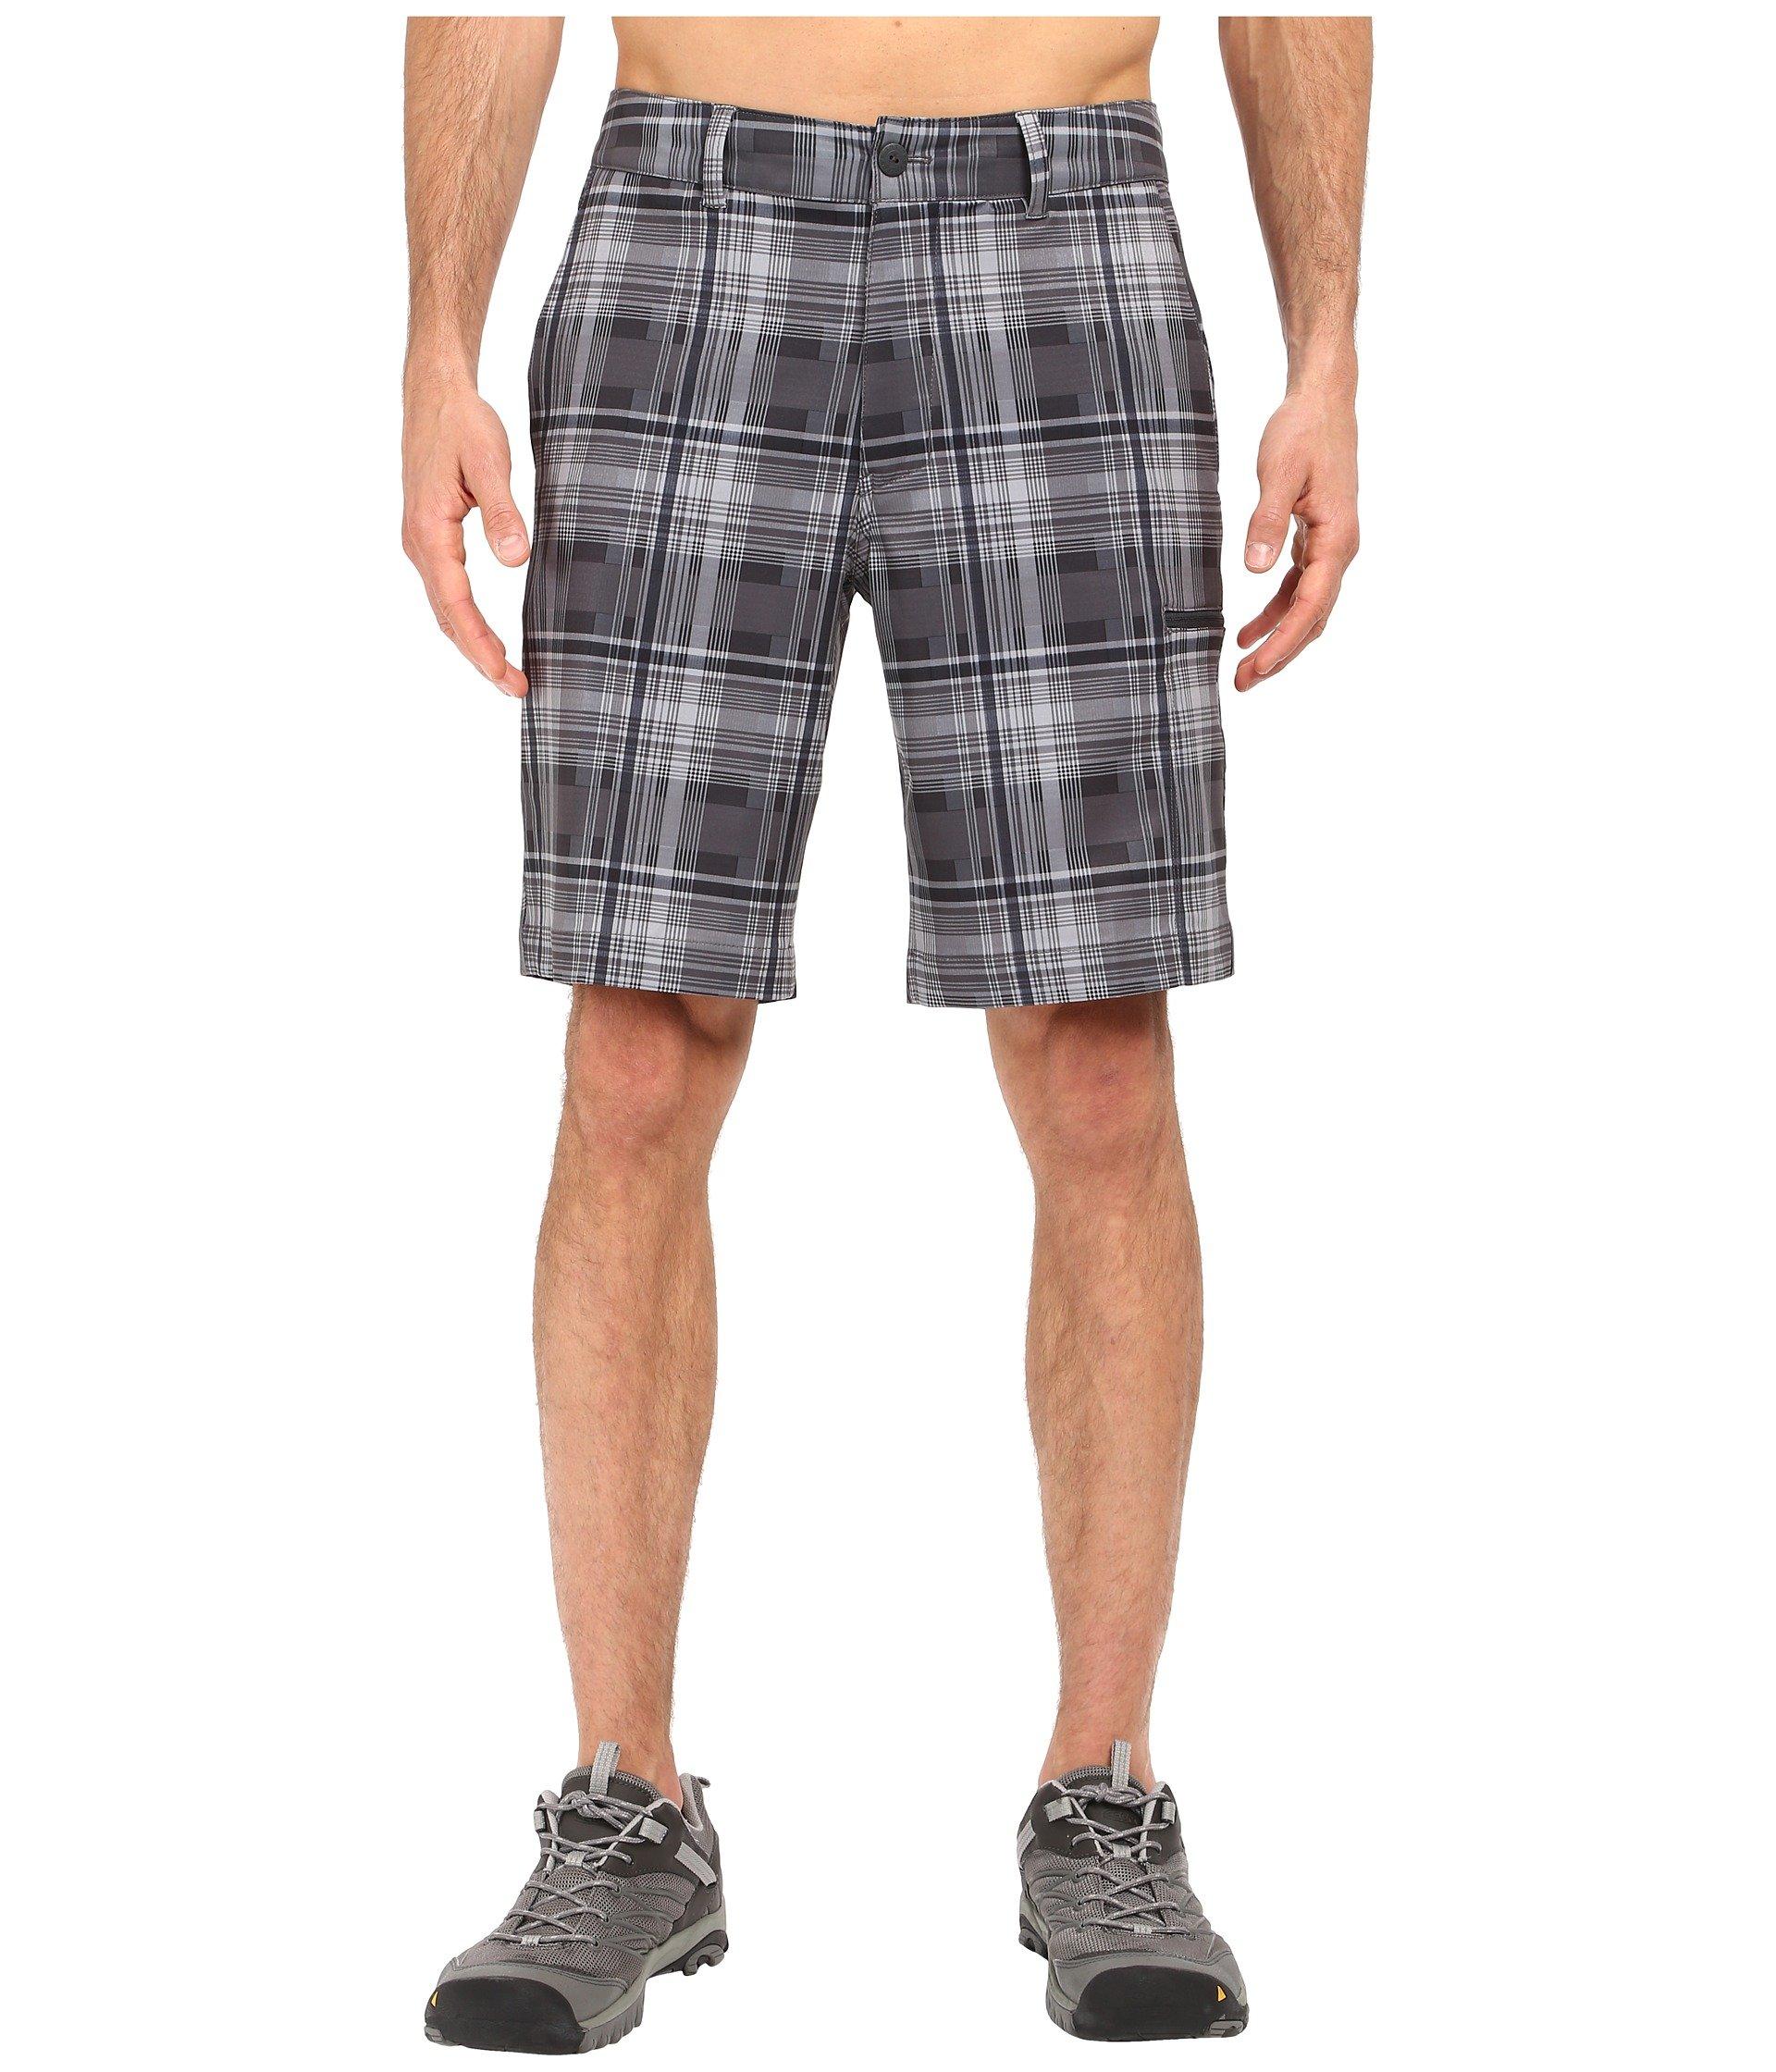 Pura Vida 2.0 Shorts, Asphalt Grey Plaid (Prior Season)